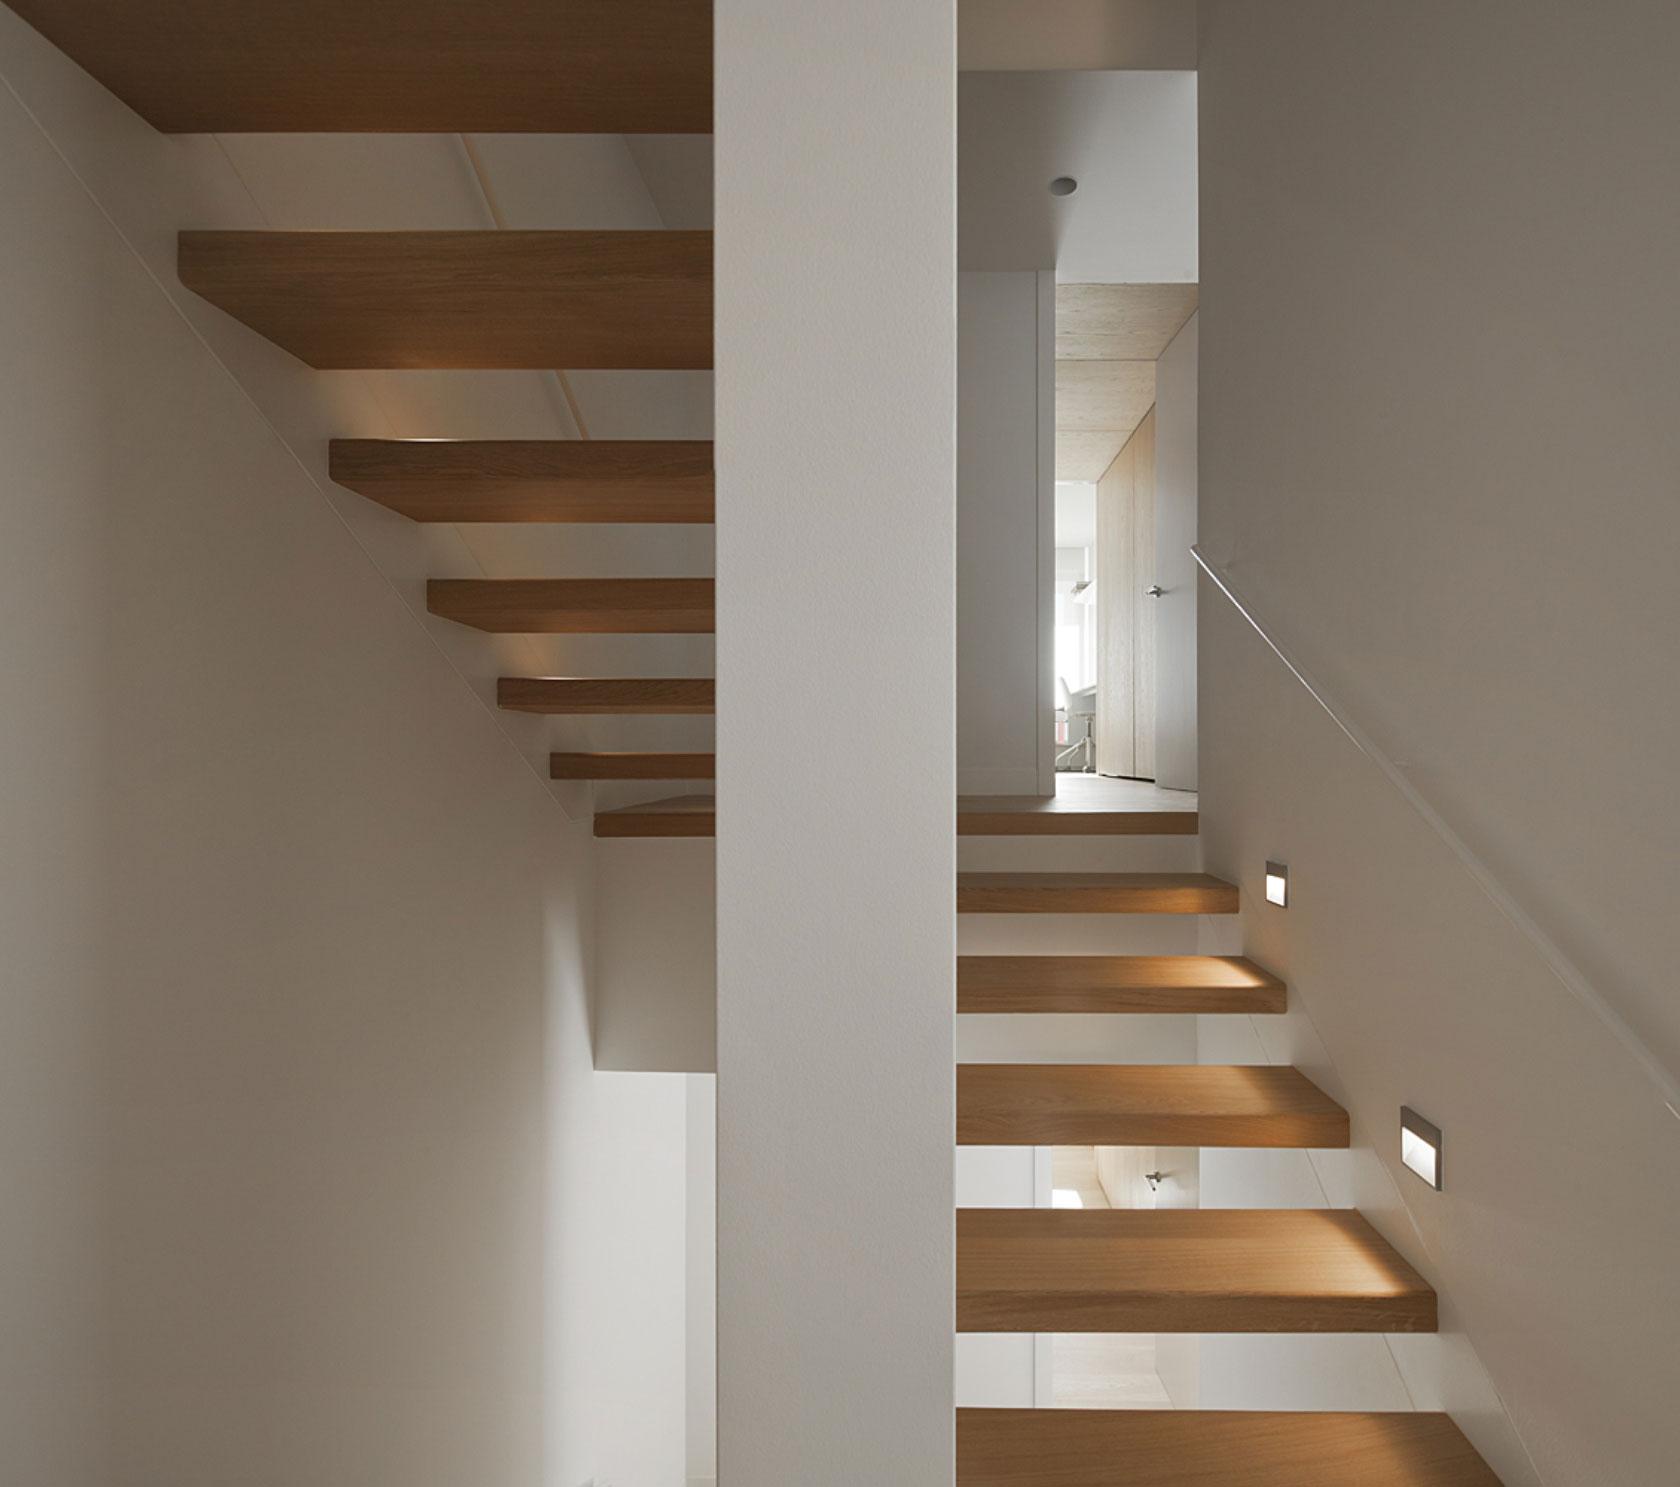 Деревянная лестница в интерьере - Фото 30